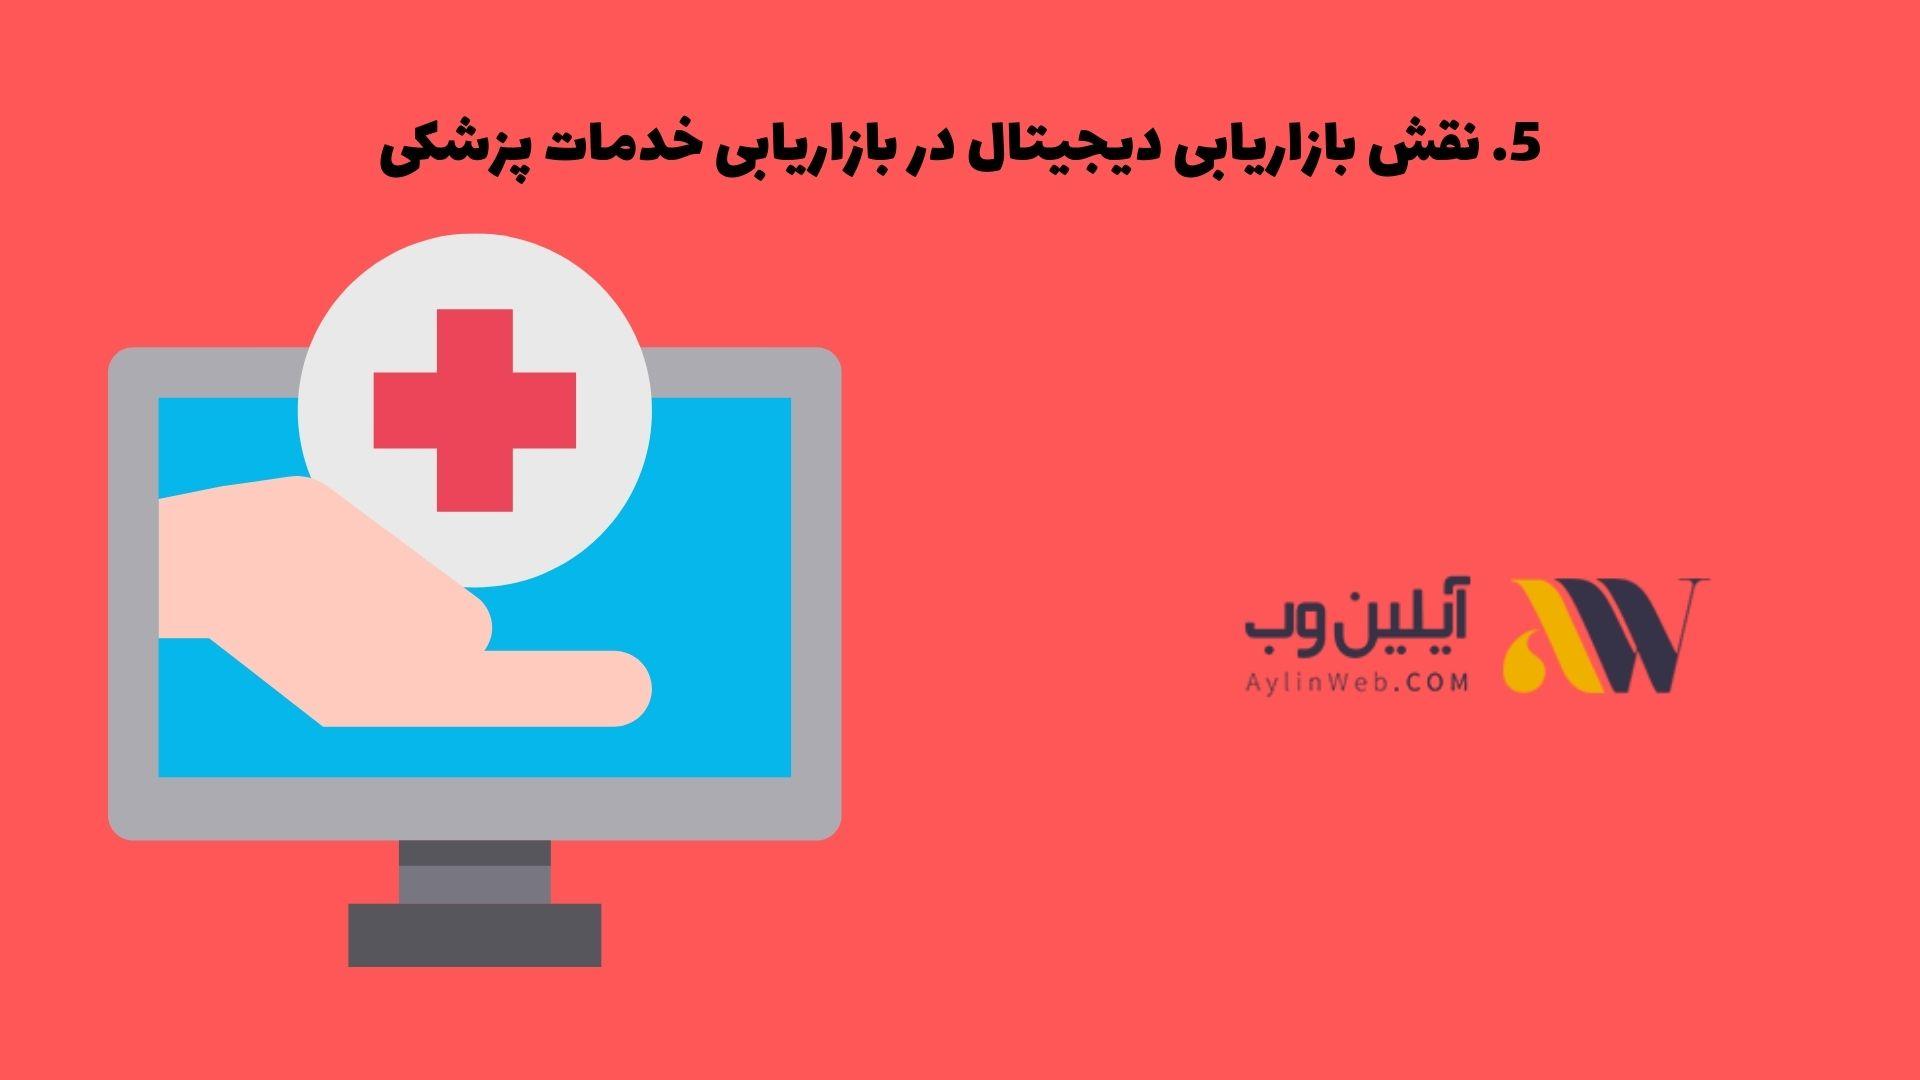 نقش بازاریابی دیجیتال در بازاریابی خدمات پزشکی